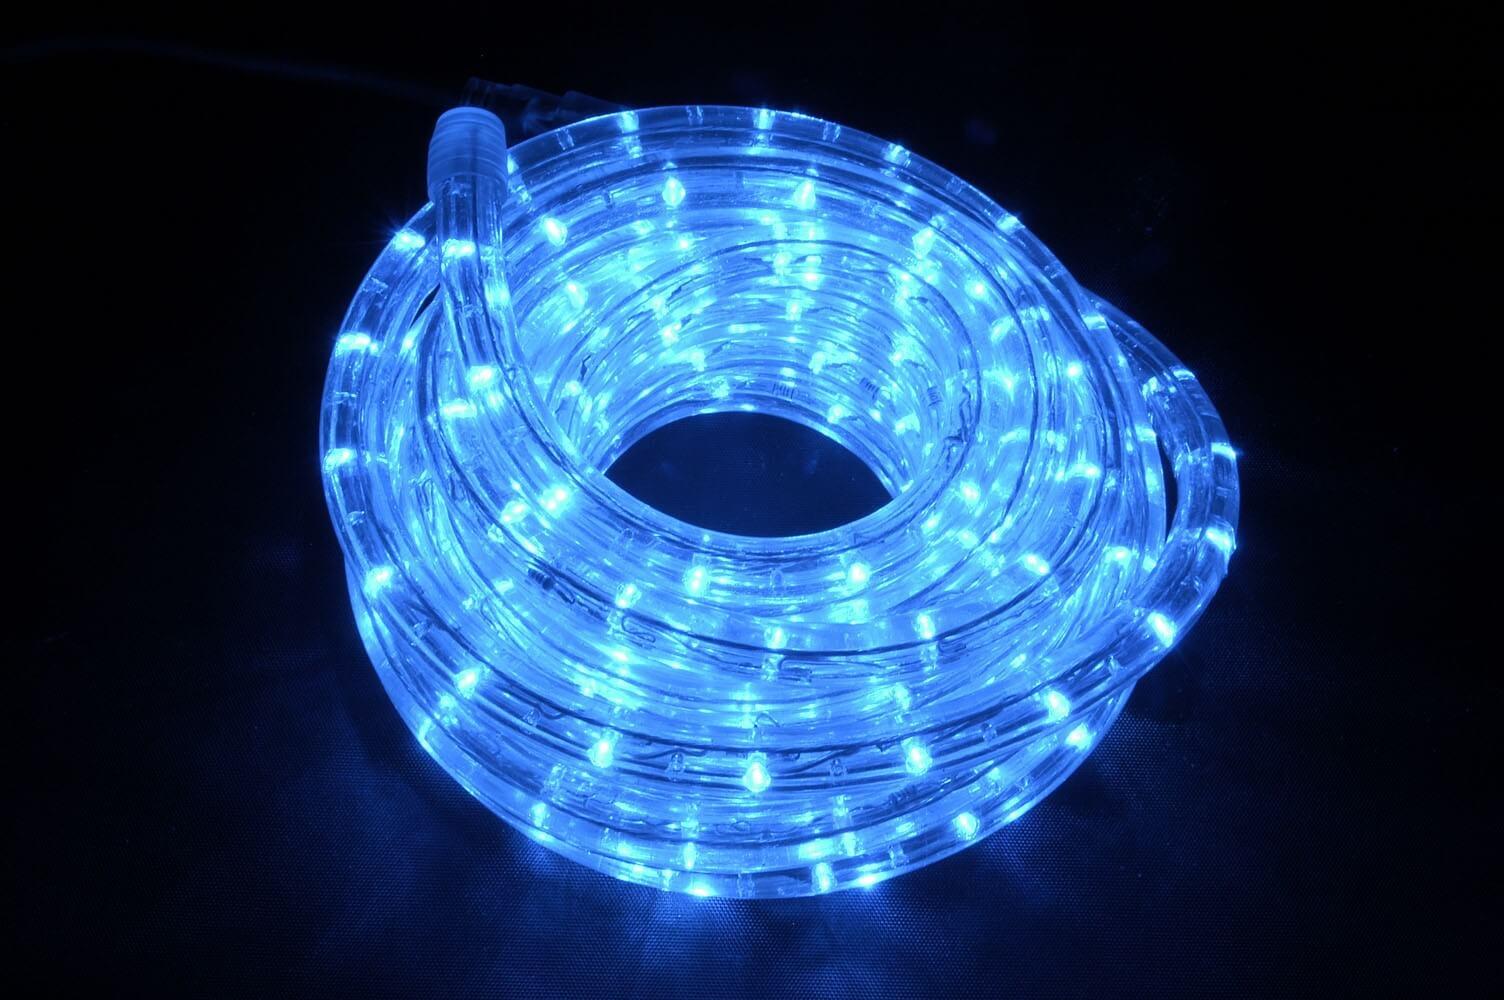 Cordon lumineux led 40m bleu professionnel ext rieur int rieur - Guirlande lumineuse exterieur professionnel ...